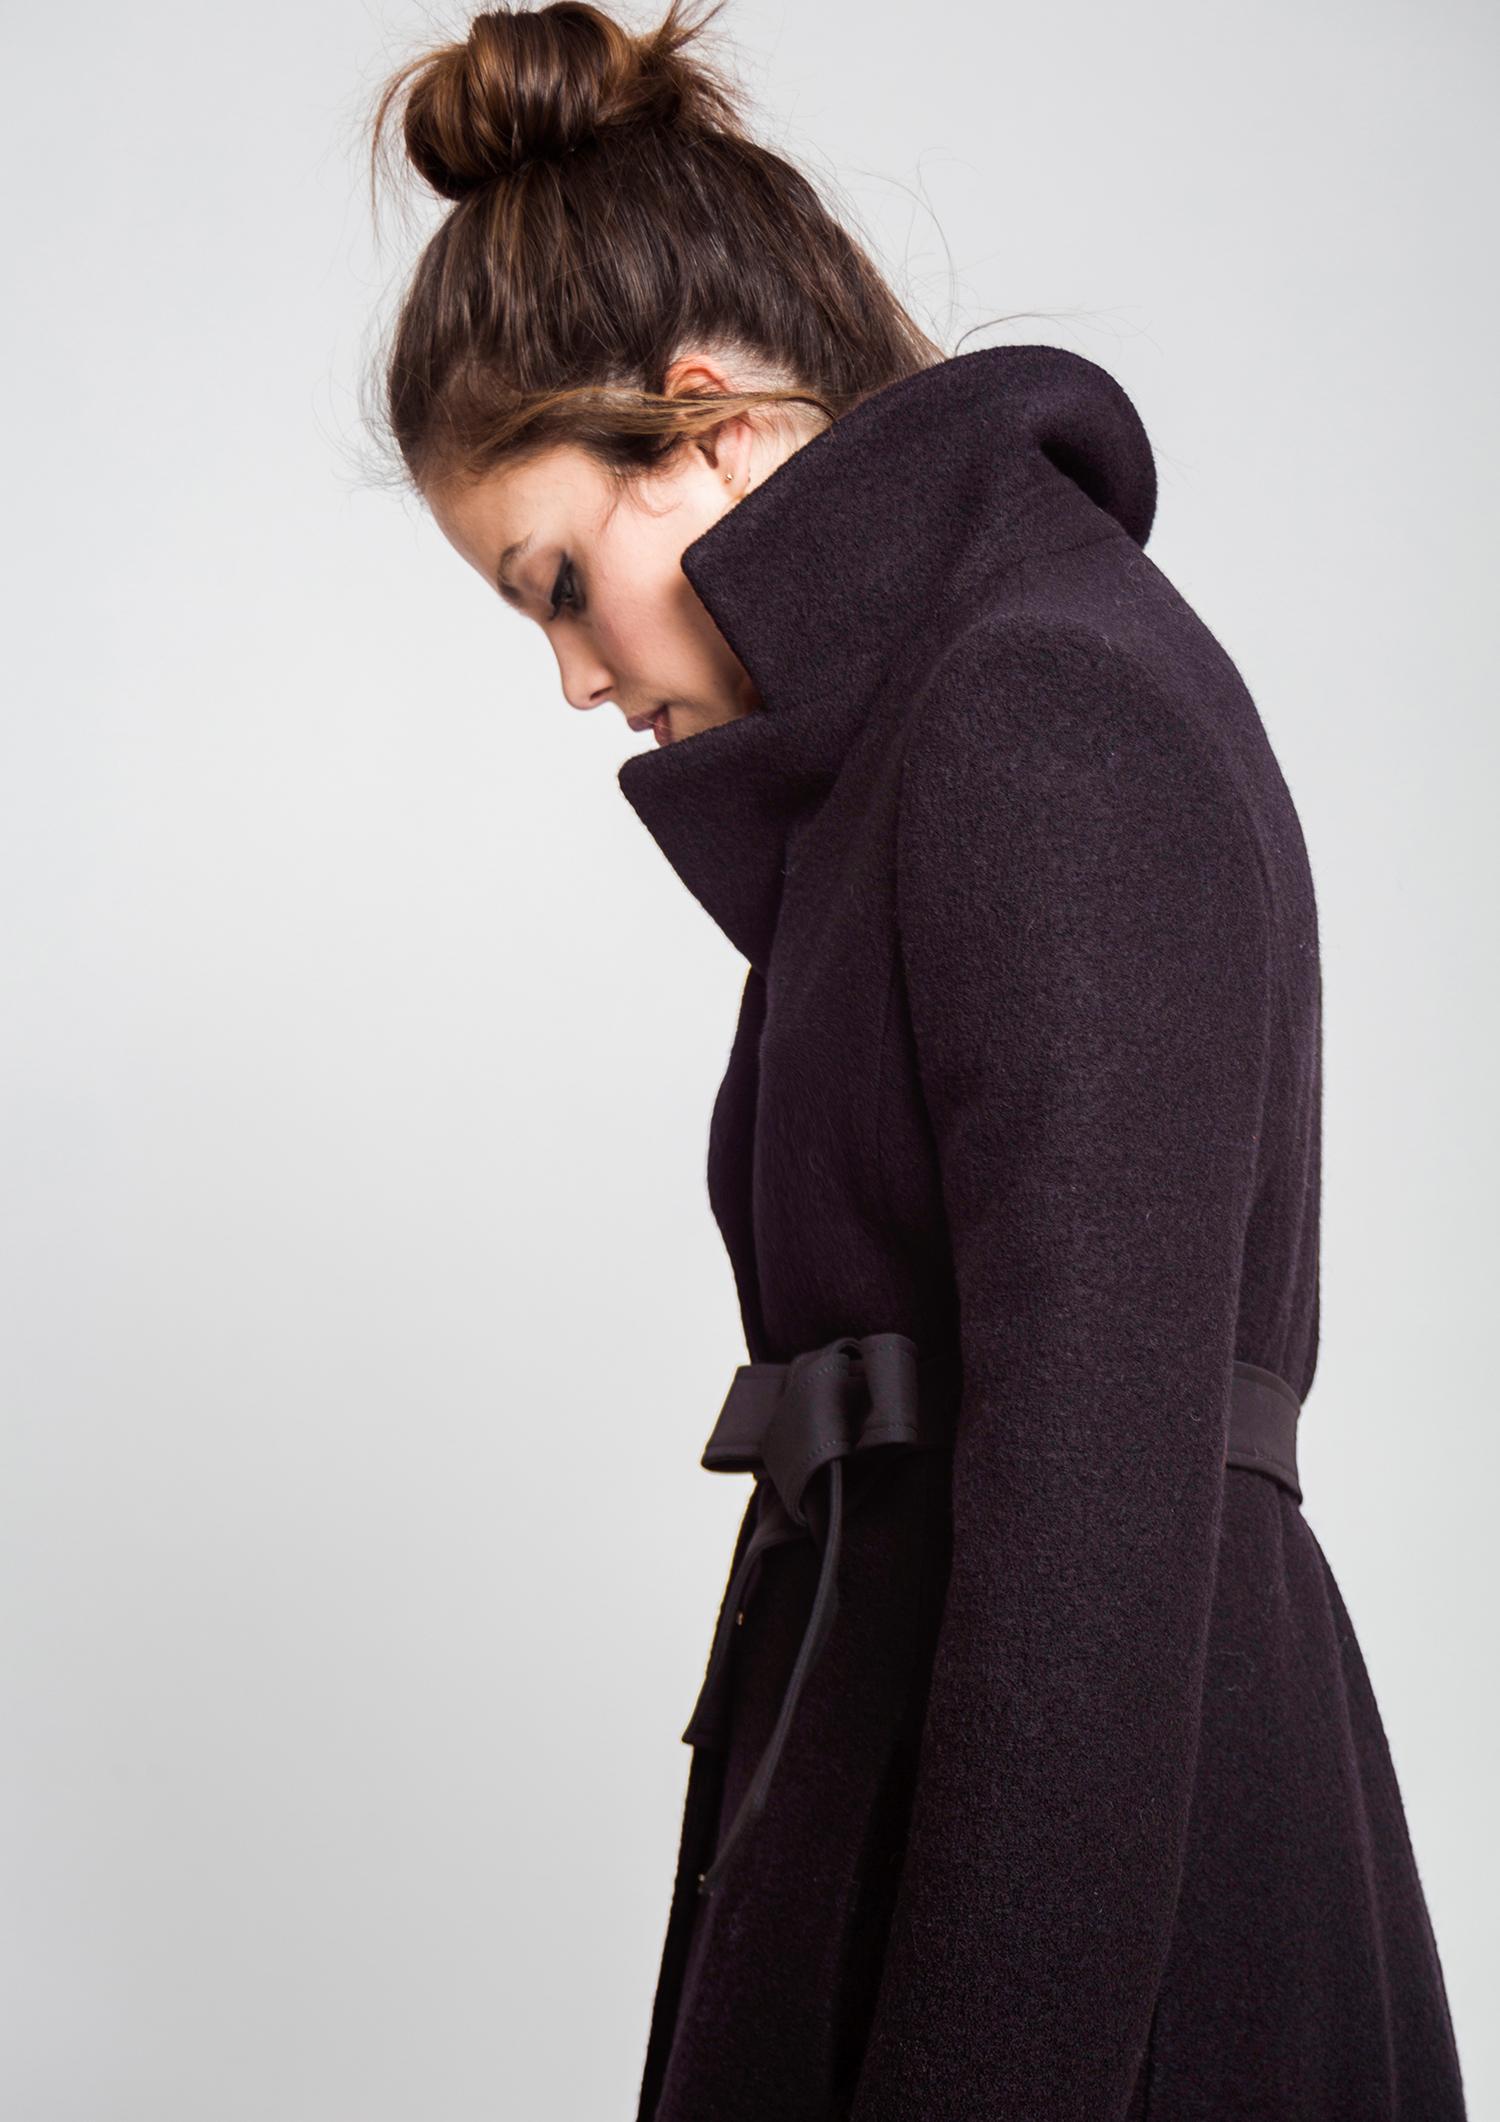 Benetton niСЂС–РІВ±a abrigos